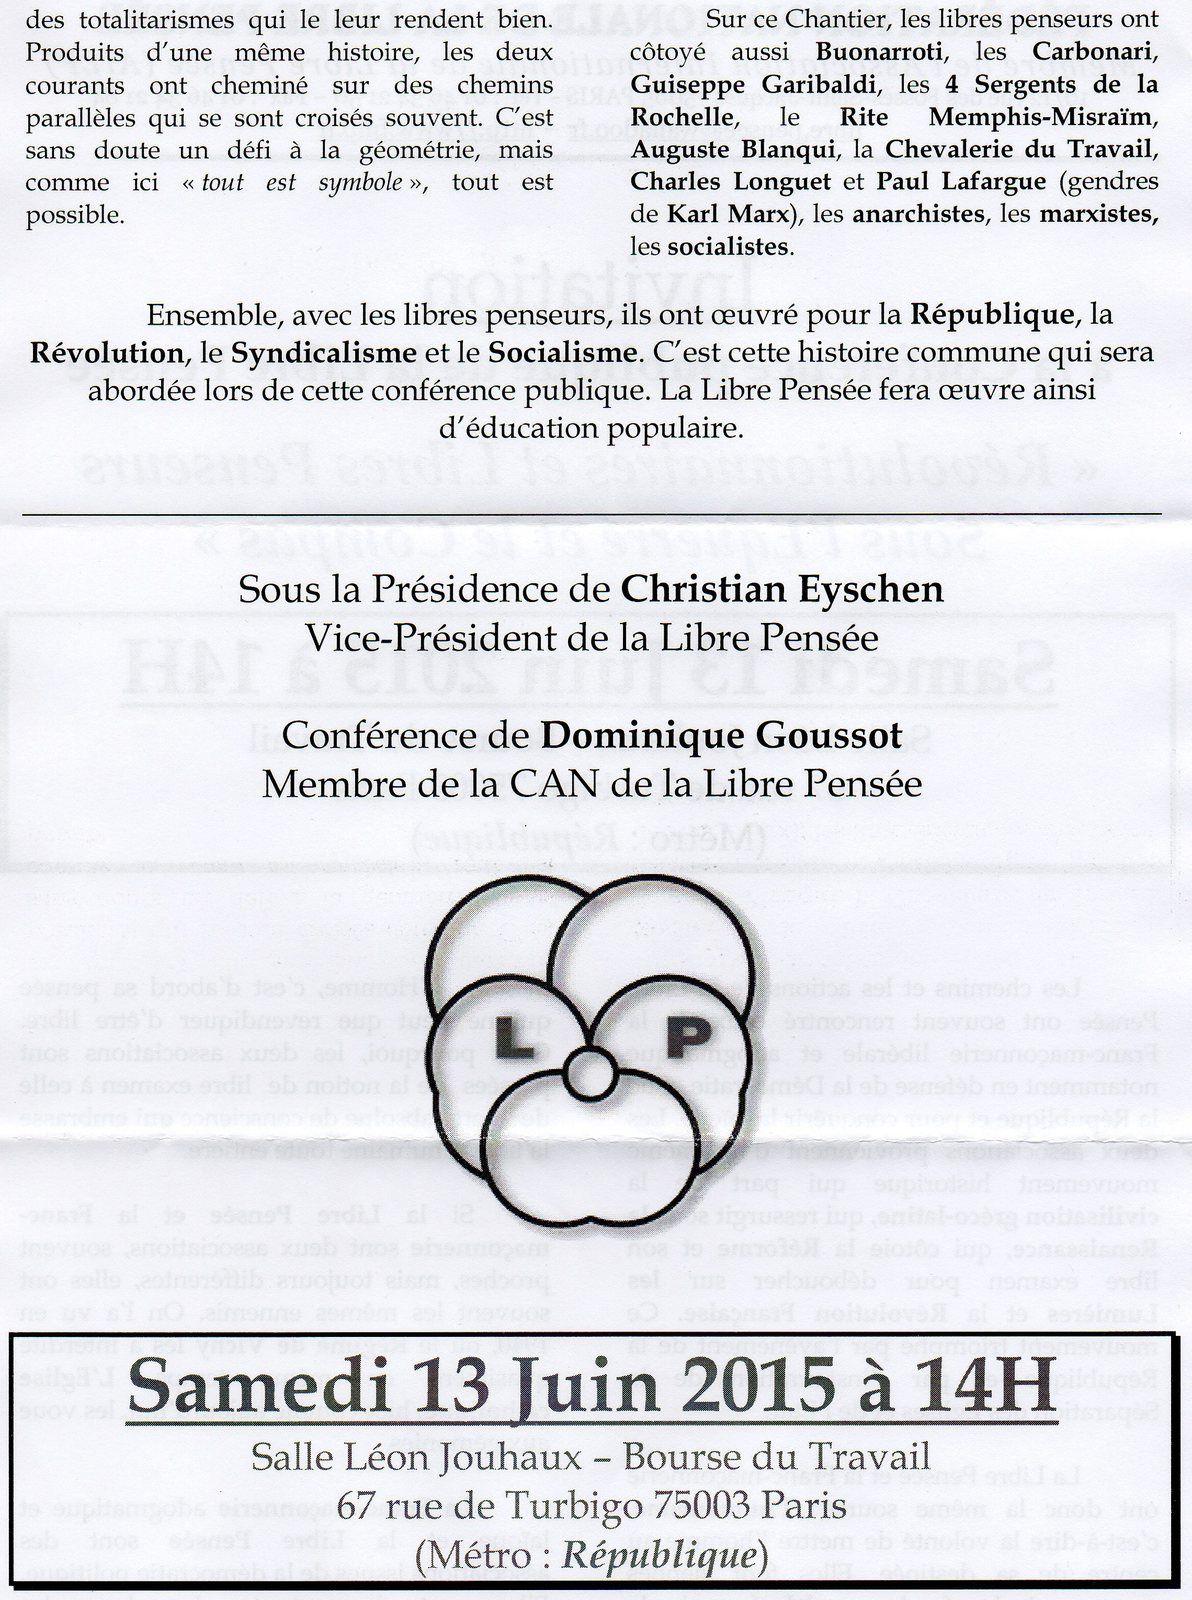 Samedi 13 juin, Conférence publique de la Libre Pensée